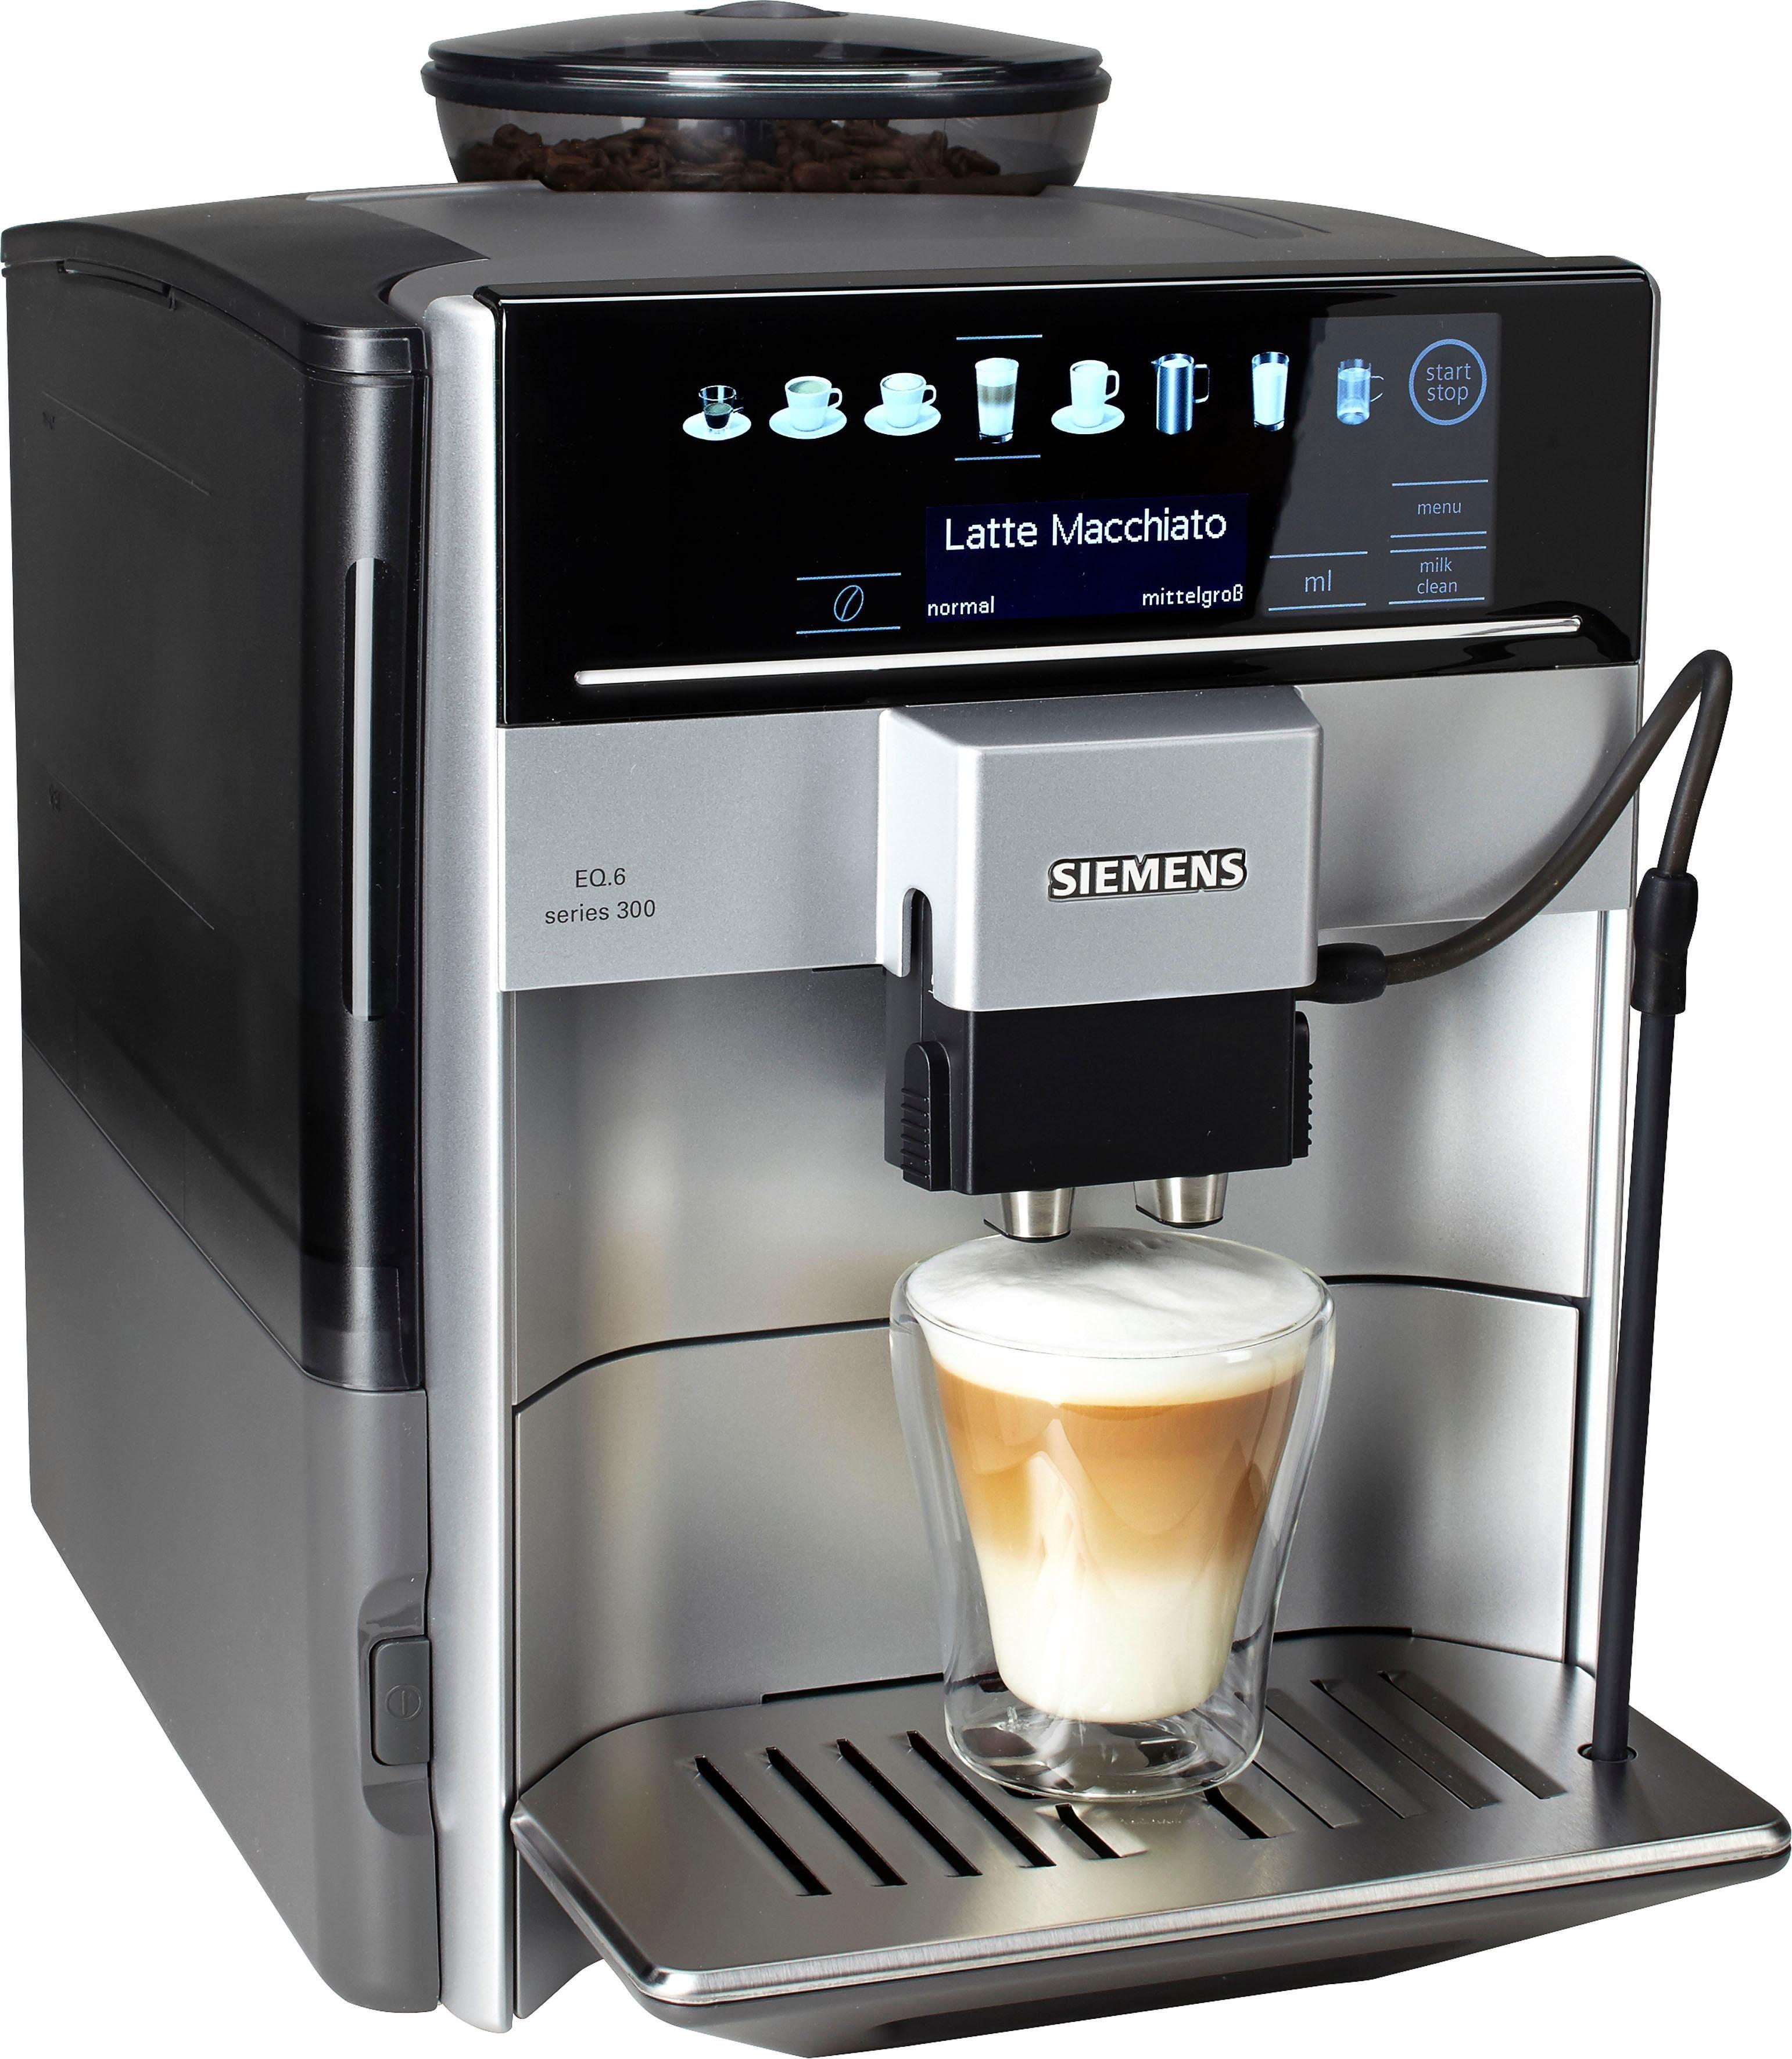 SIEMENS Kaffeevollautomat EQ.6 s300 TE613501DE, Scheibenmahlwerk